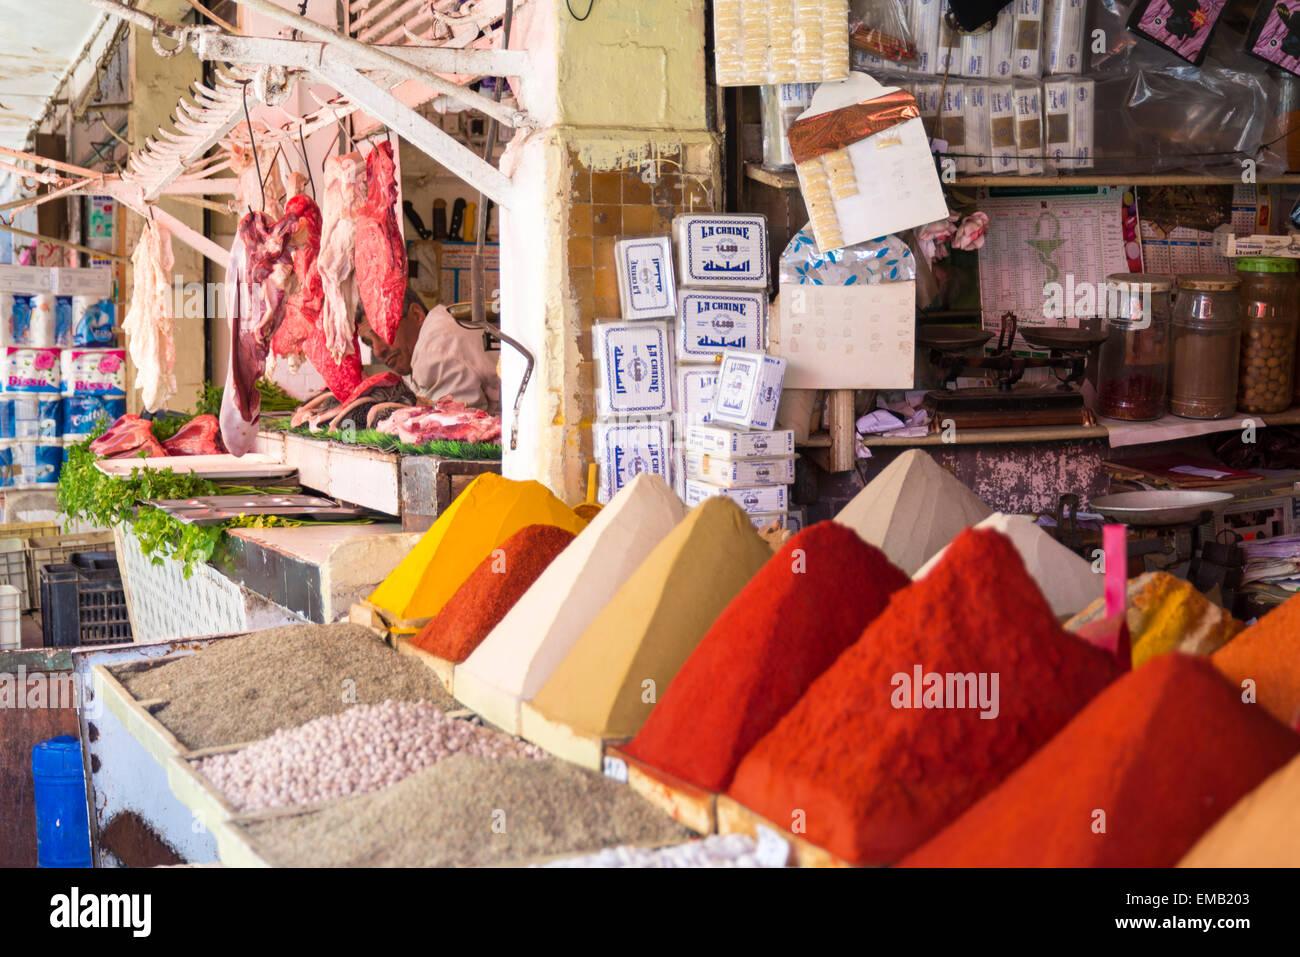 Mercato piccante presso la vecchia medina di Casablanca, Marocco Immagini Stock